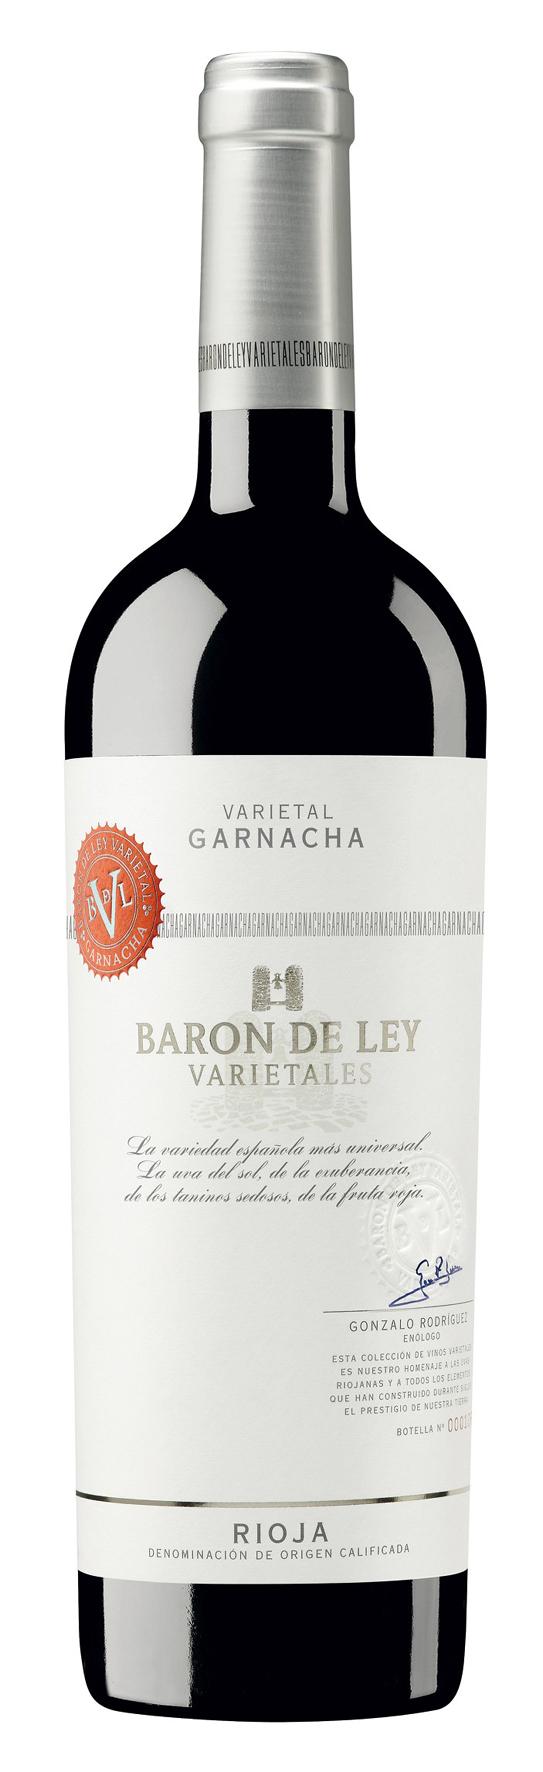 2012 Varietales Garnacha DOCa Rioja Baron De Ley